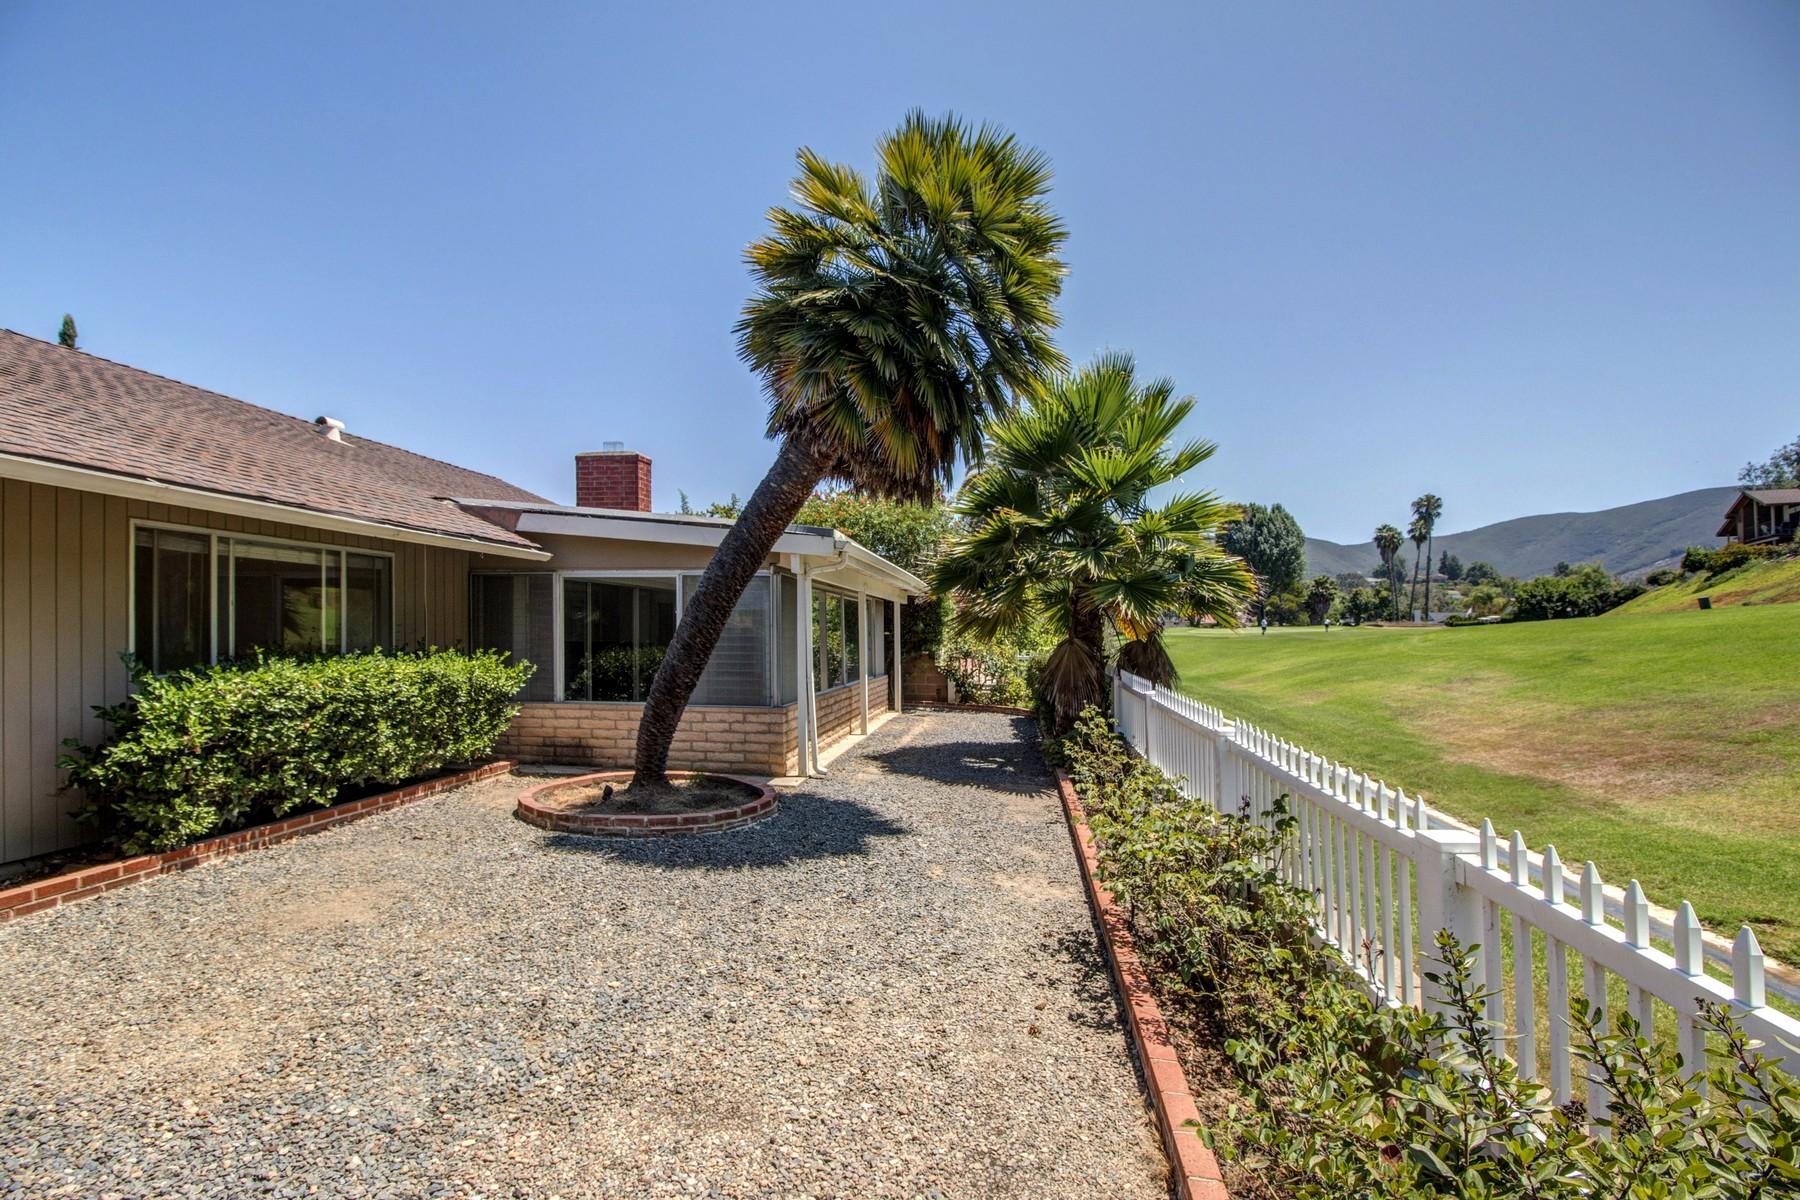 独户住宅 为 销售 在 918 San Pablo Drive 圣马科斯, 加利福尼亚州, 92078 美国